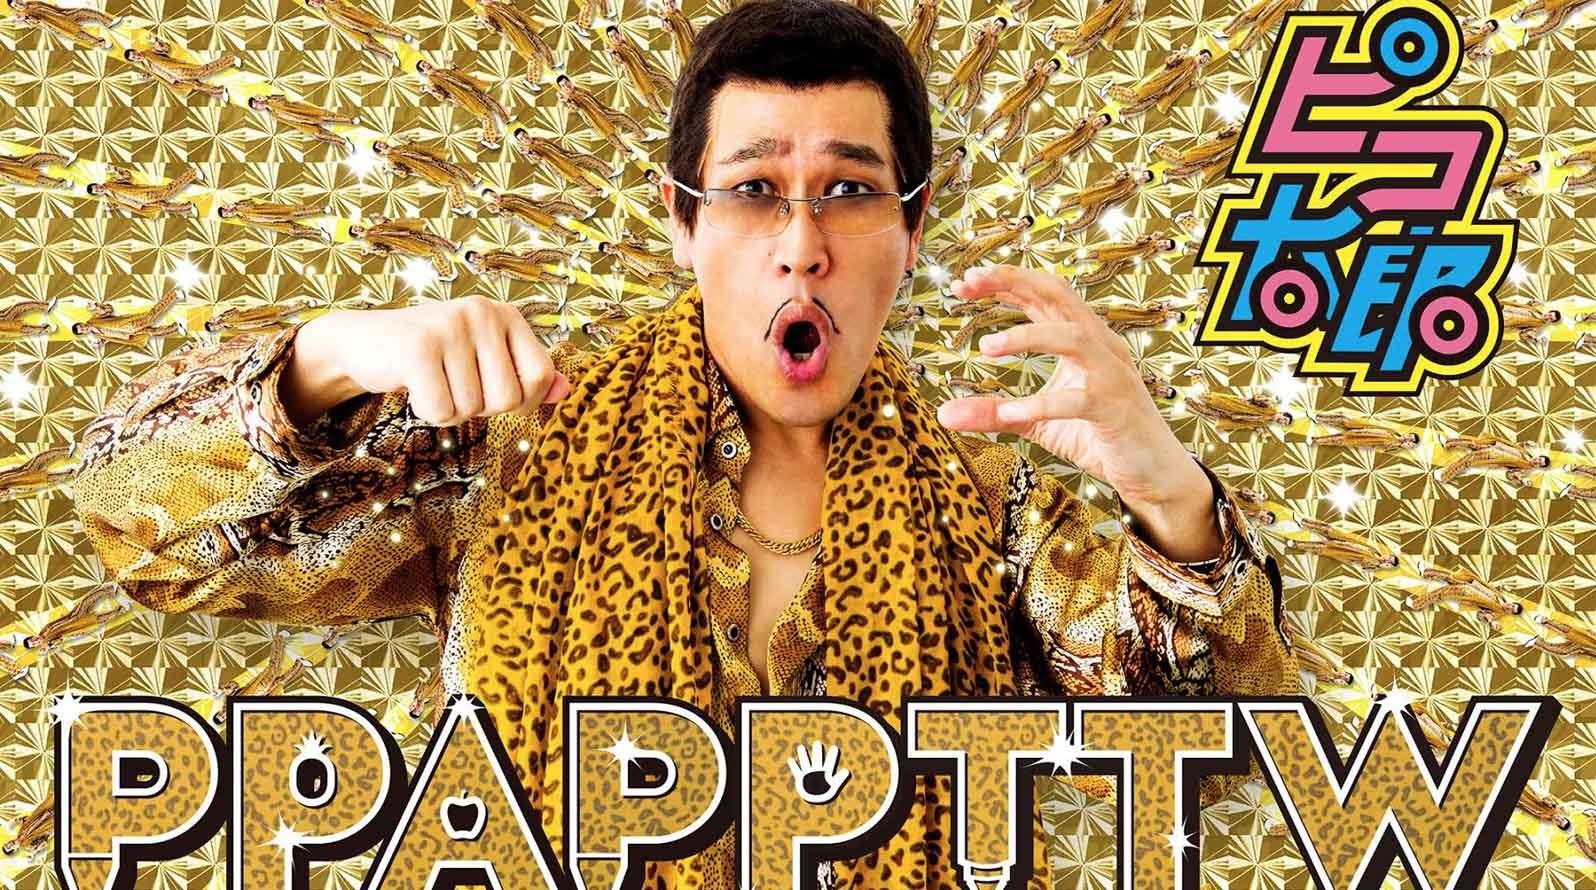 PIKO太郎二度來台舉辦「PPAPPTTW」派對活動